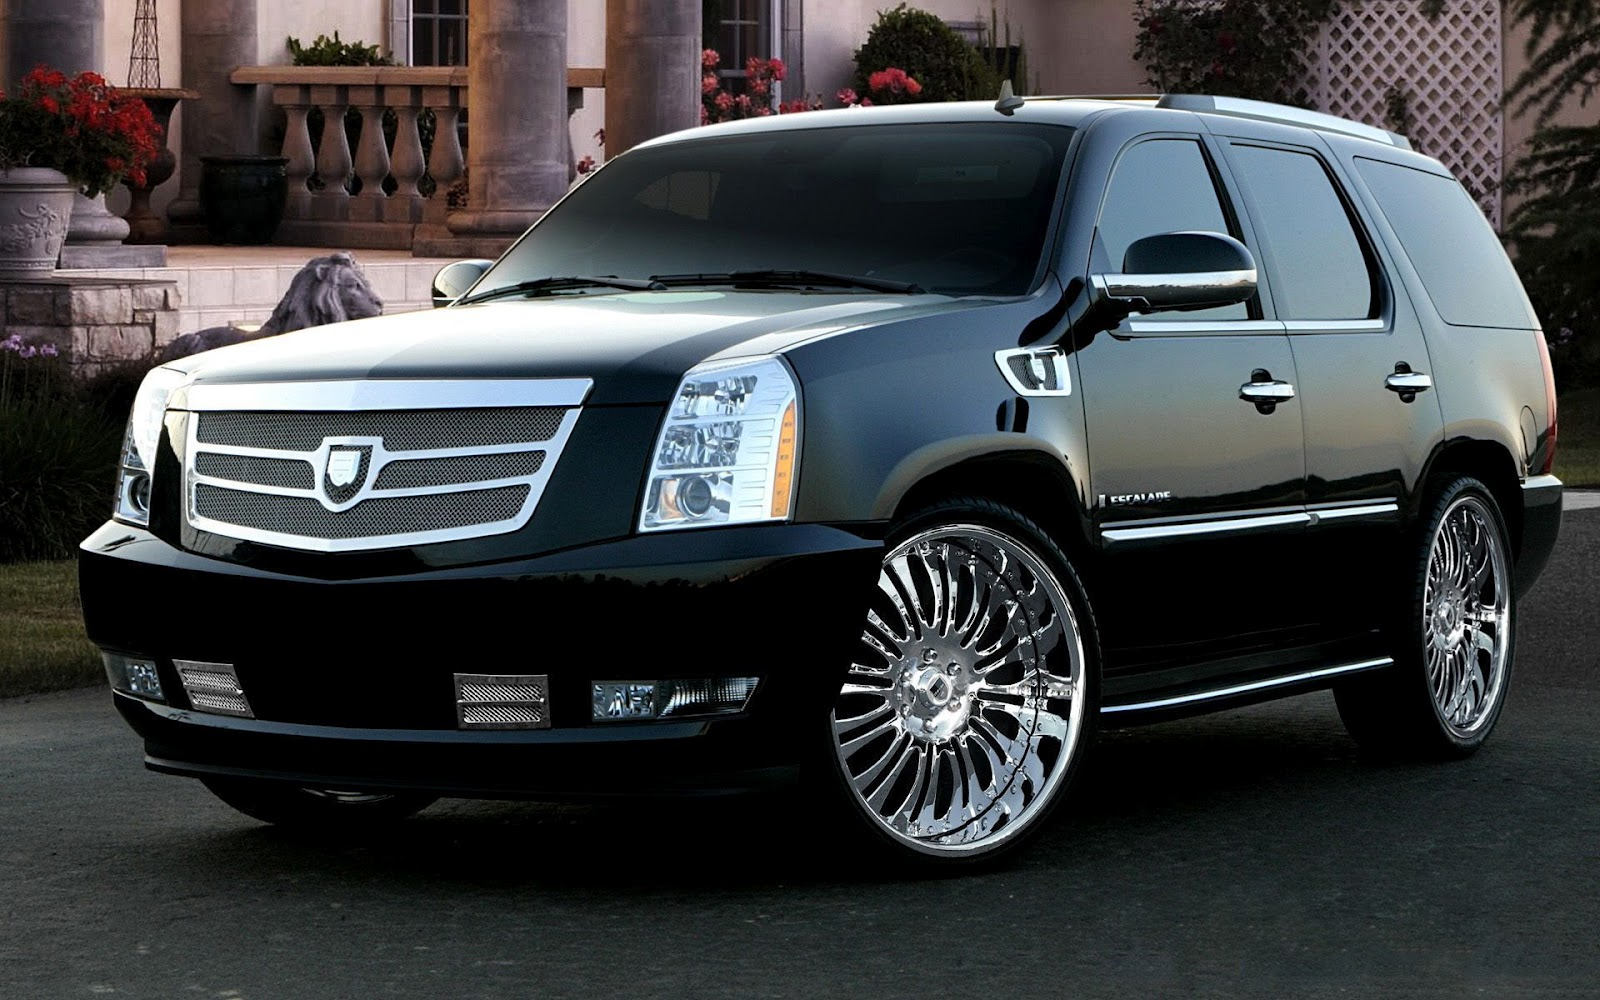 Cadillac Escalade Fondos de Pantalla de Todoterrenos Wallpaper For Background